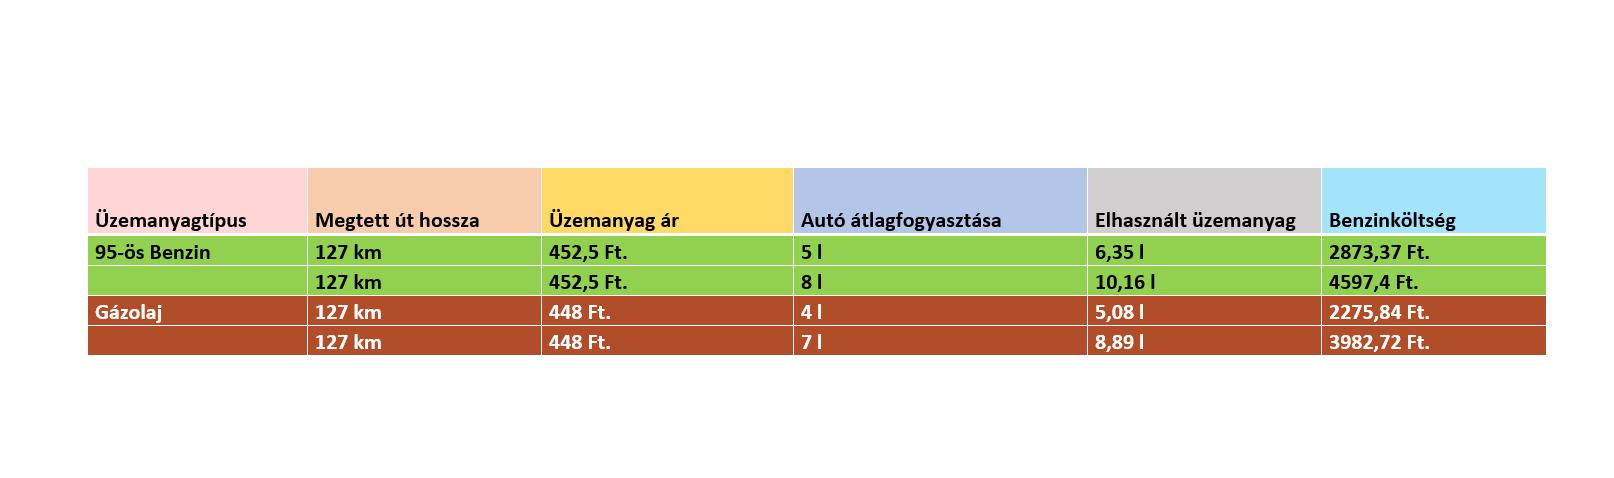 üzemanyag költség